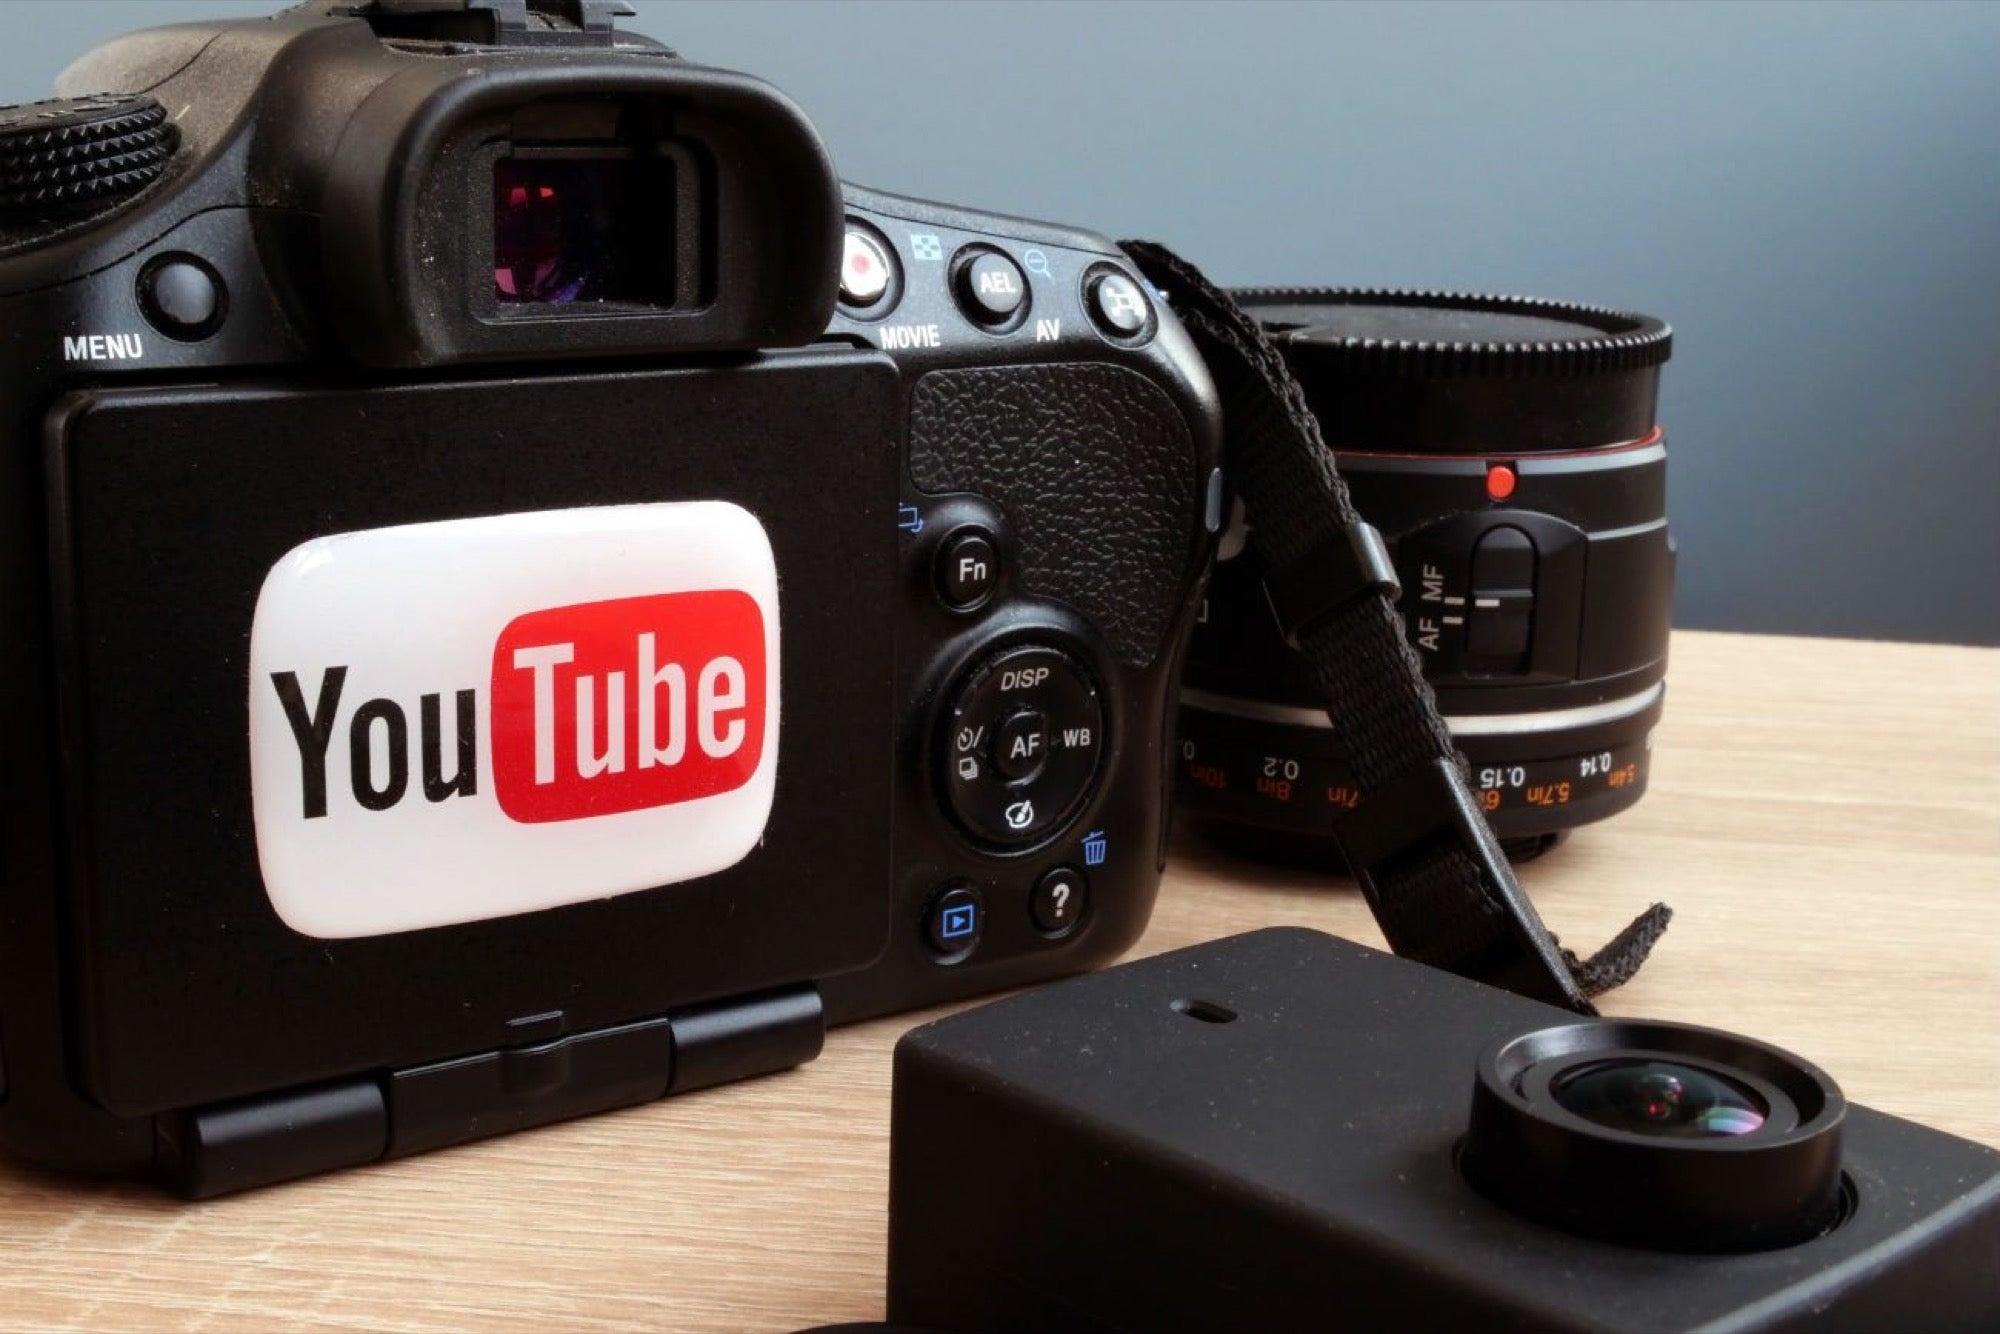 Cómo ser una estrella de YouTube, según dos youtubers poco convencionales